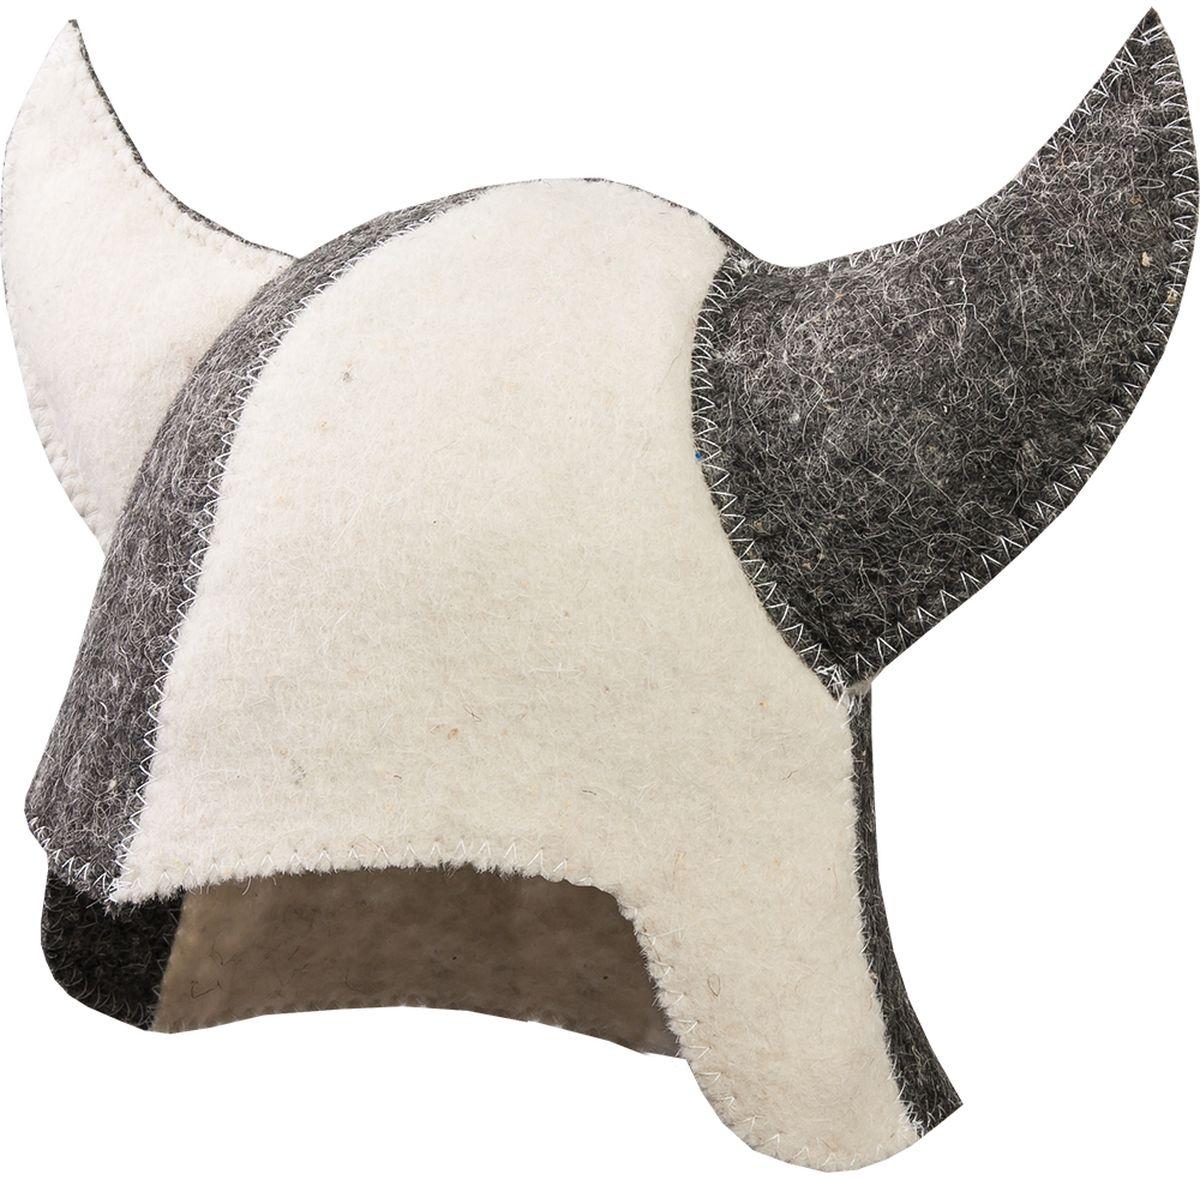 Шапка для бани и сауны Hot Pot Викинг41185Шапка для бани и сауны Hot Pot — это необходимый аксессуар при посещении парной. Такая шапка защитит от головокружения и перегрева головы, а также предотвратит ломкость и сухость волос. Изделие замечательно впитывает влагу, хорошо сидит на голове, обеспечивает комфорт и удовольствие от отдыха в парилке. Незаменима в традиционной русской бане, также используется в финских саунах, где температура сухого воздуха может достигать 100°С. Шапка выполнена в оригинальном дизайне.